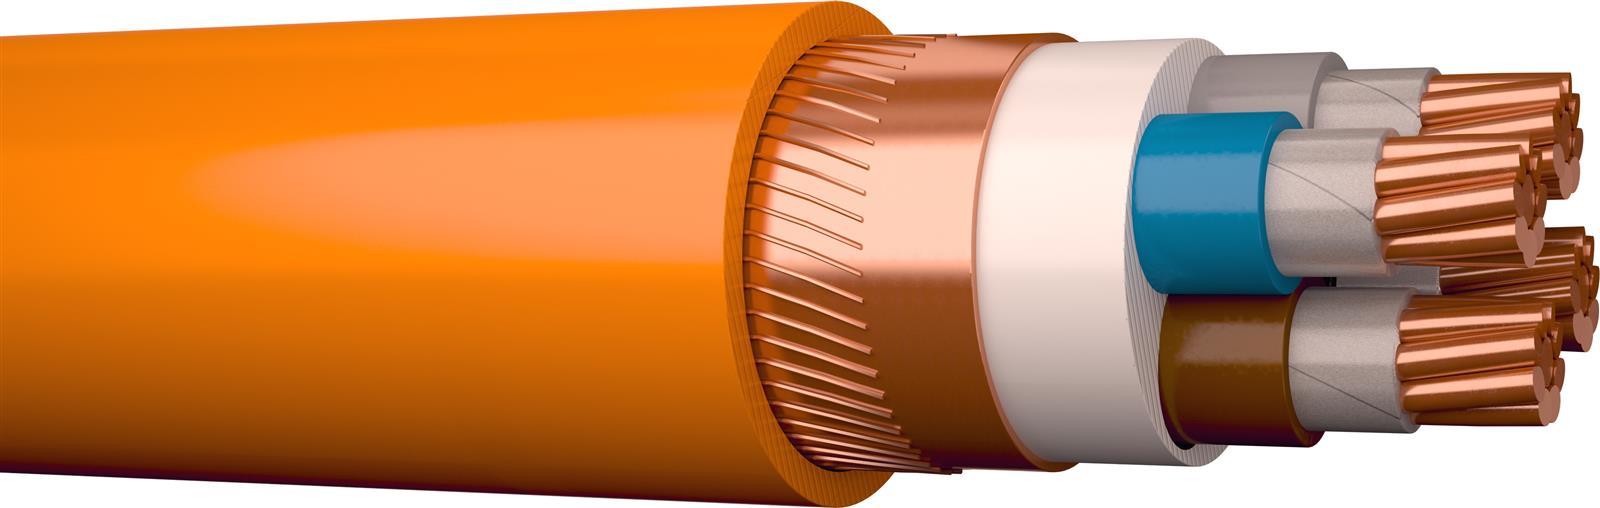 FRHF-EMC 4X70/35